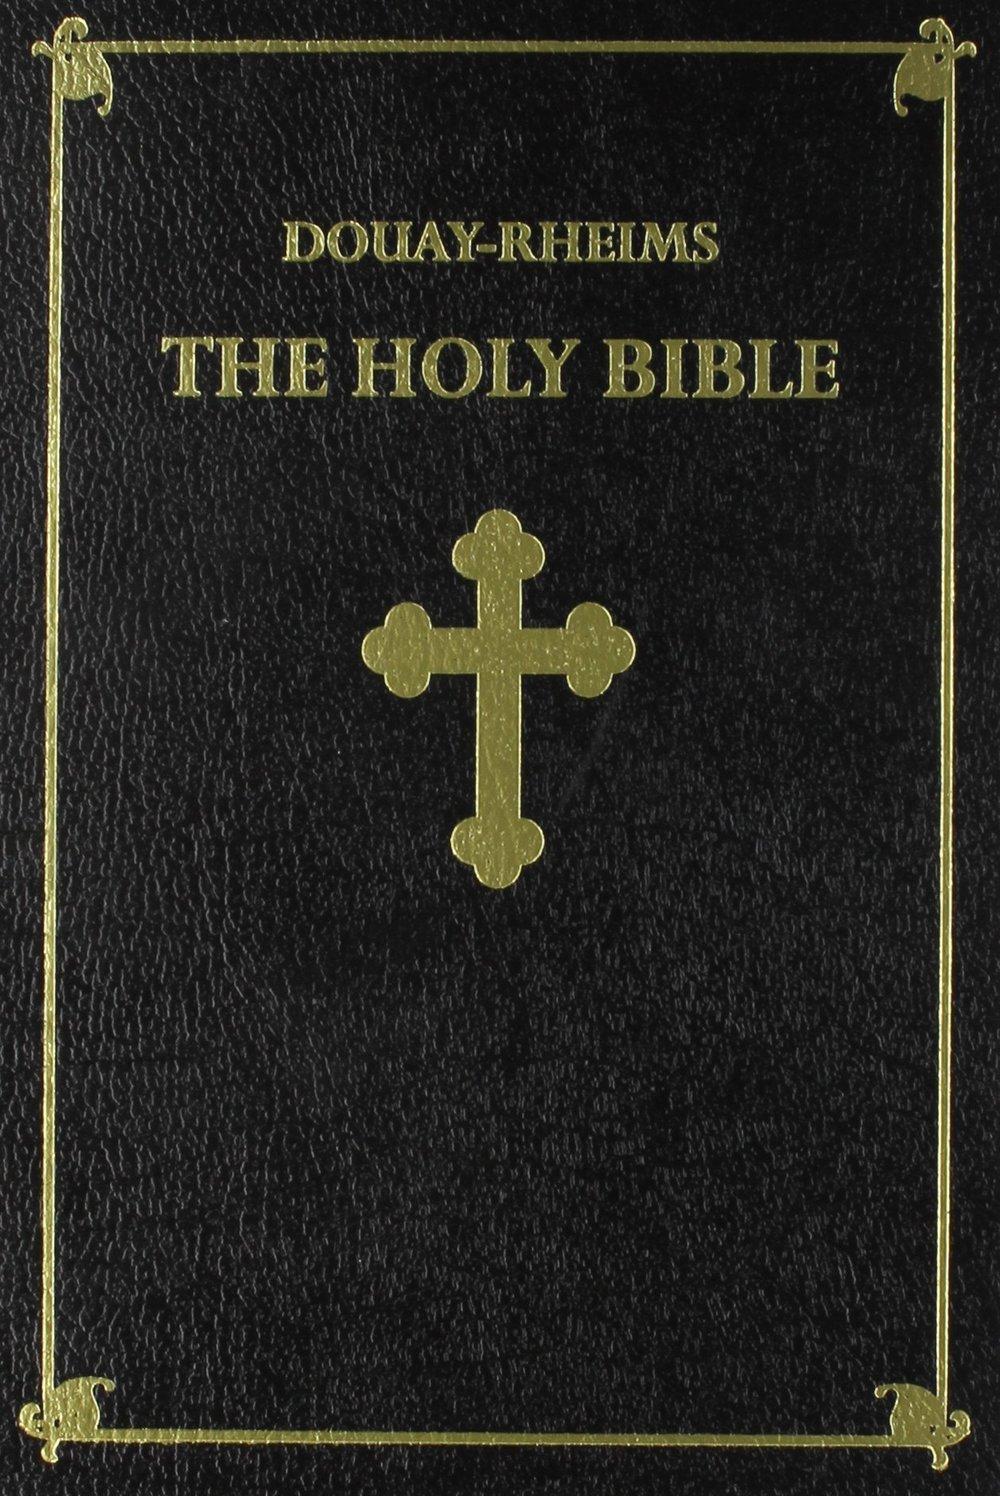 Douay-Rheims Bible $39.95